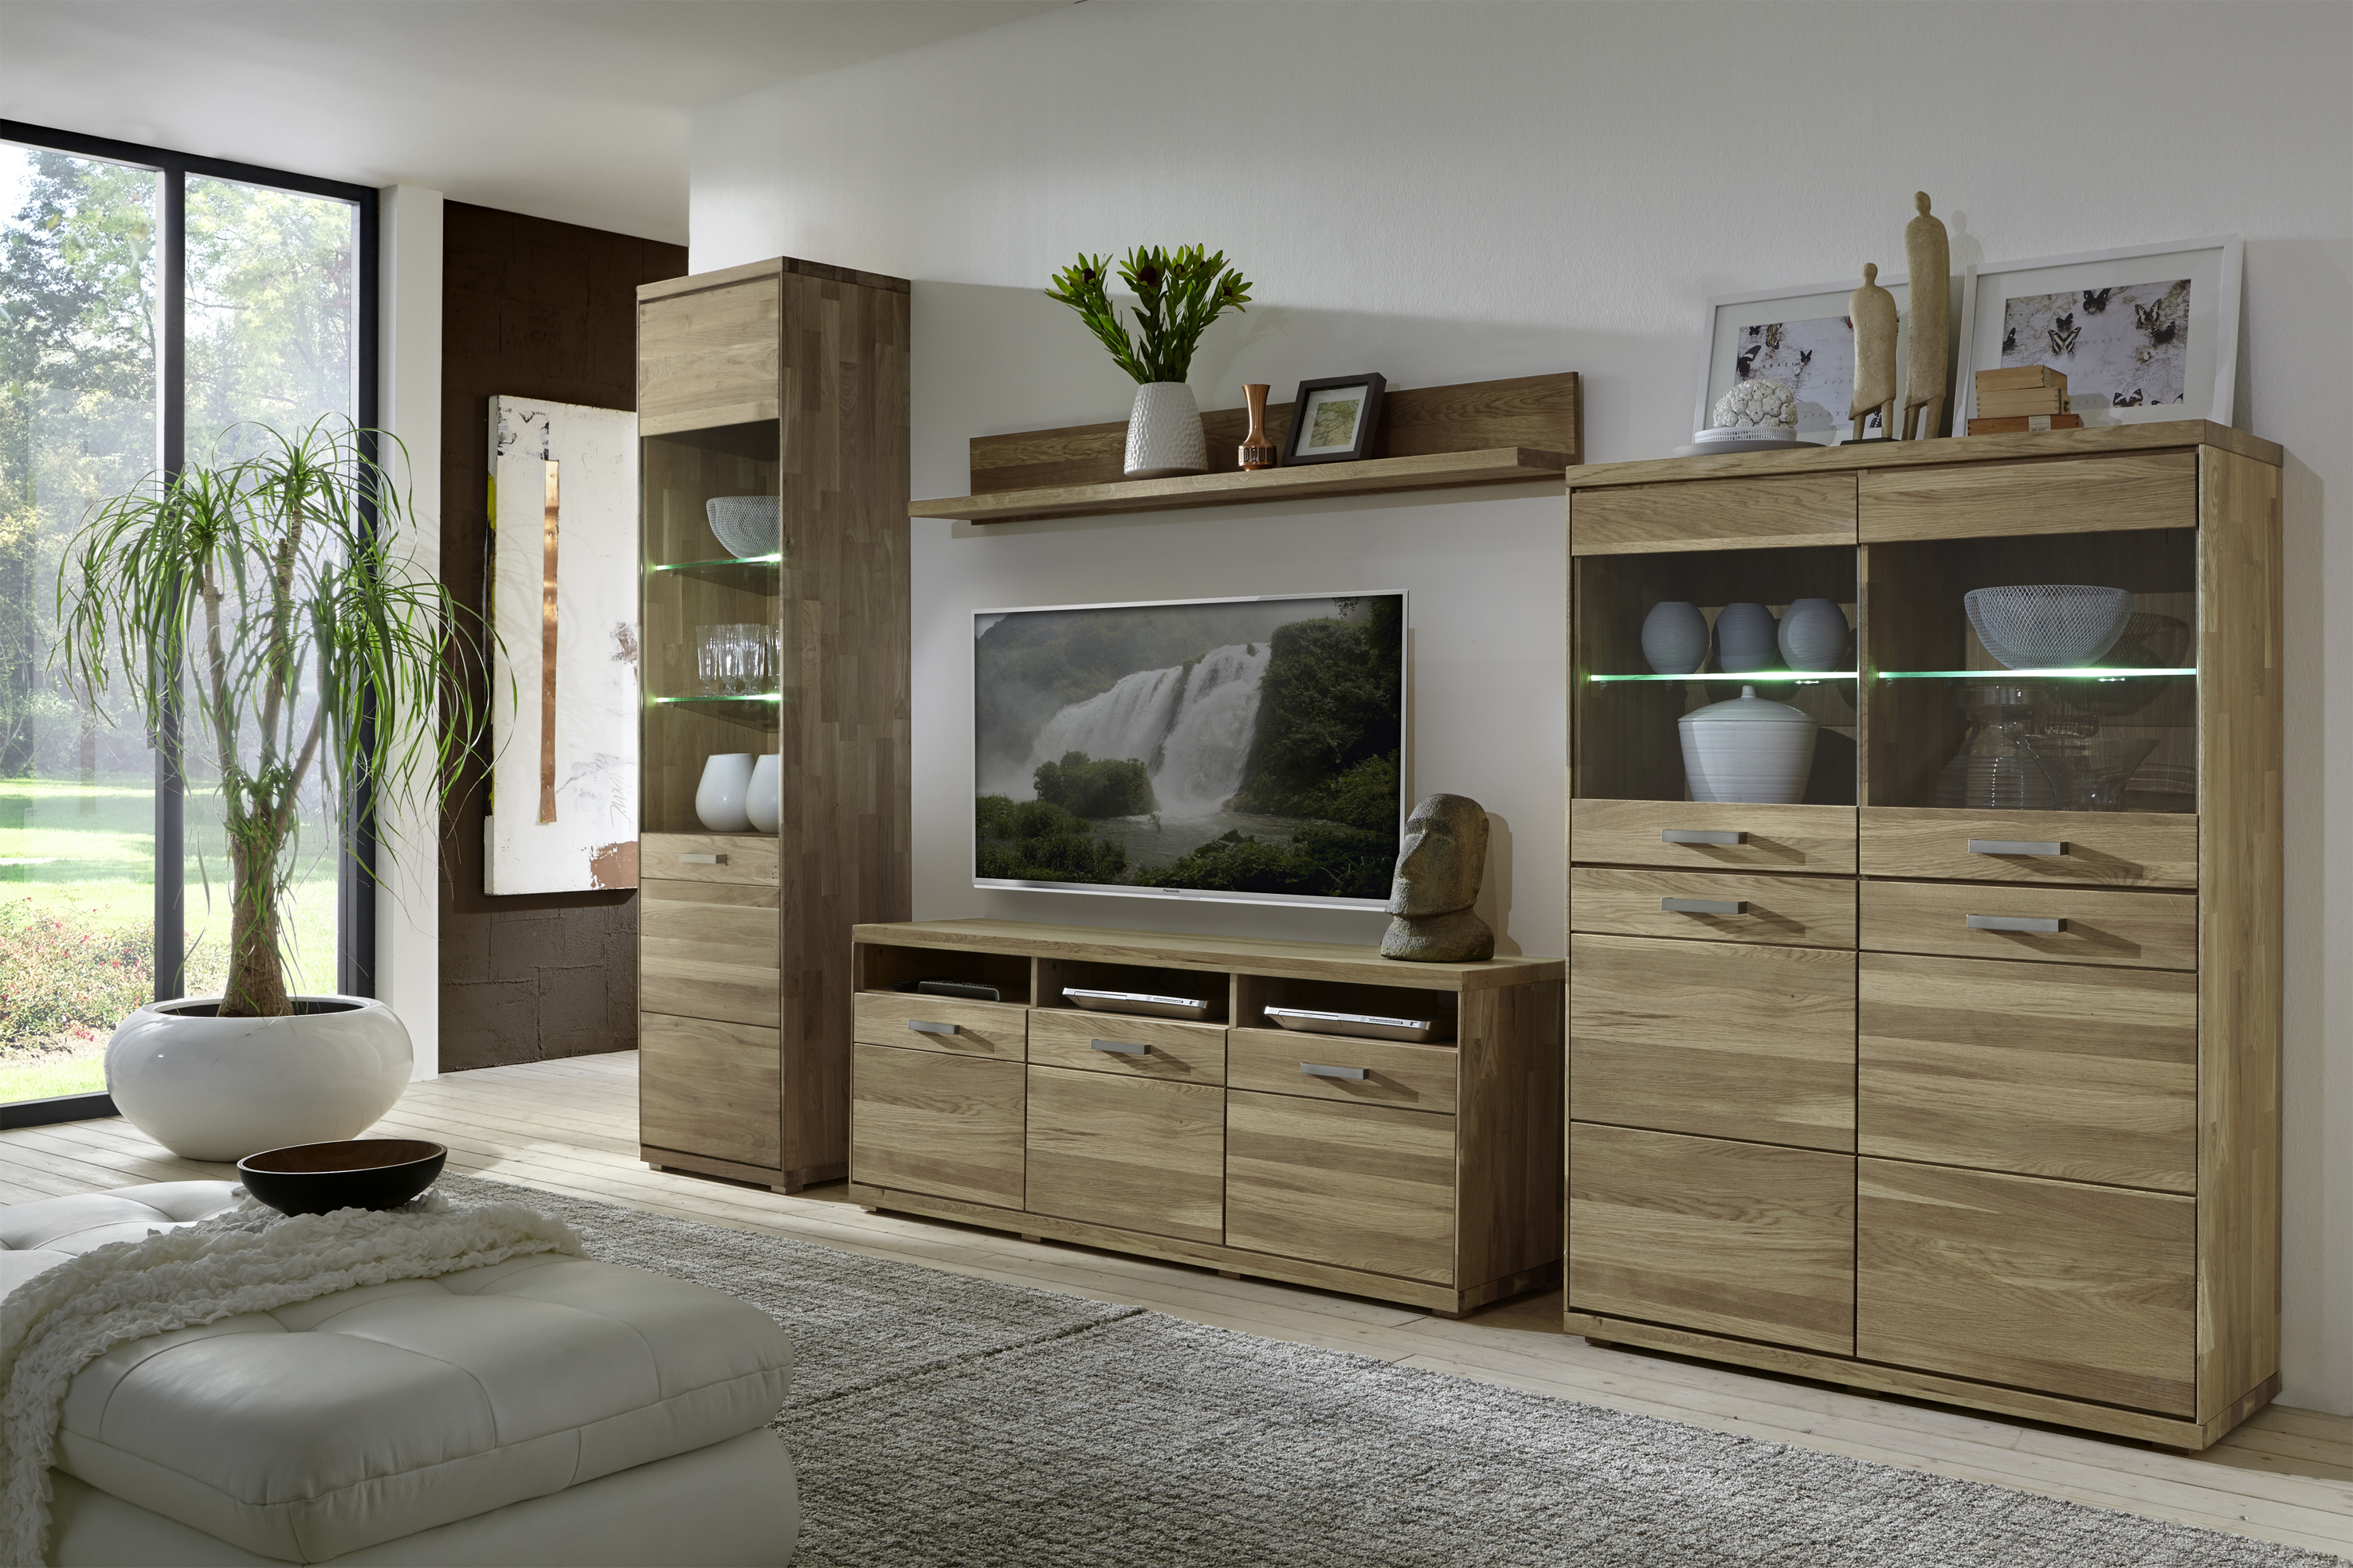 elfo wohnwand mia wildeiche oder kernbuche massivholz geolt kombination aus tv unterteil 2 vitrinen wandboard